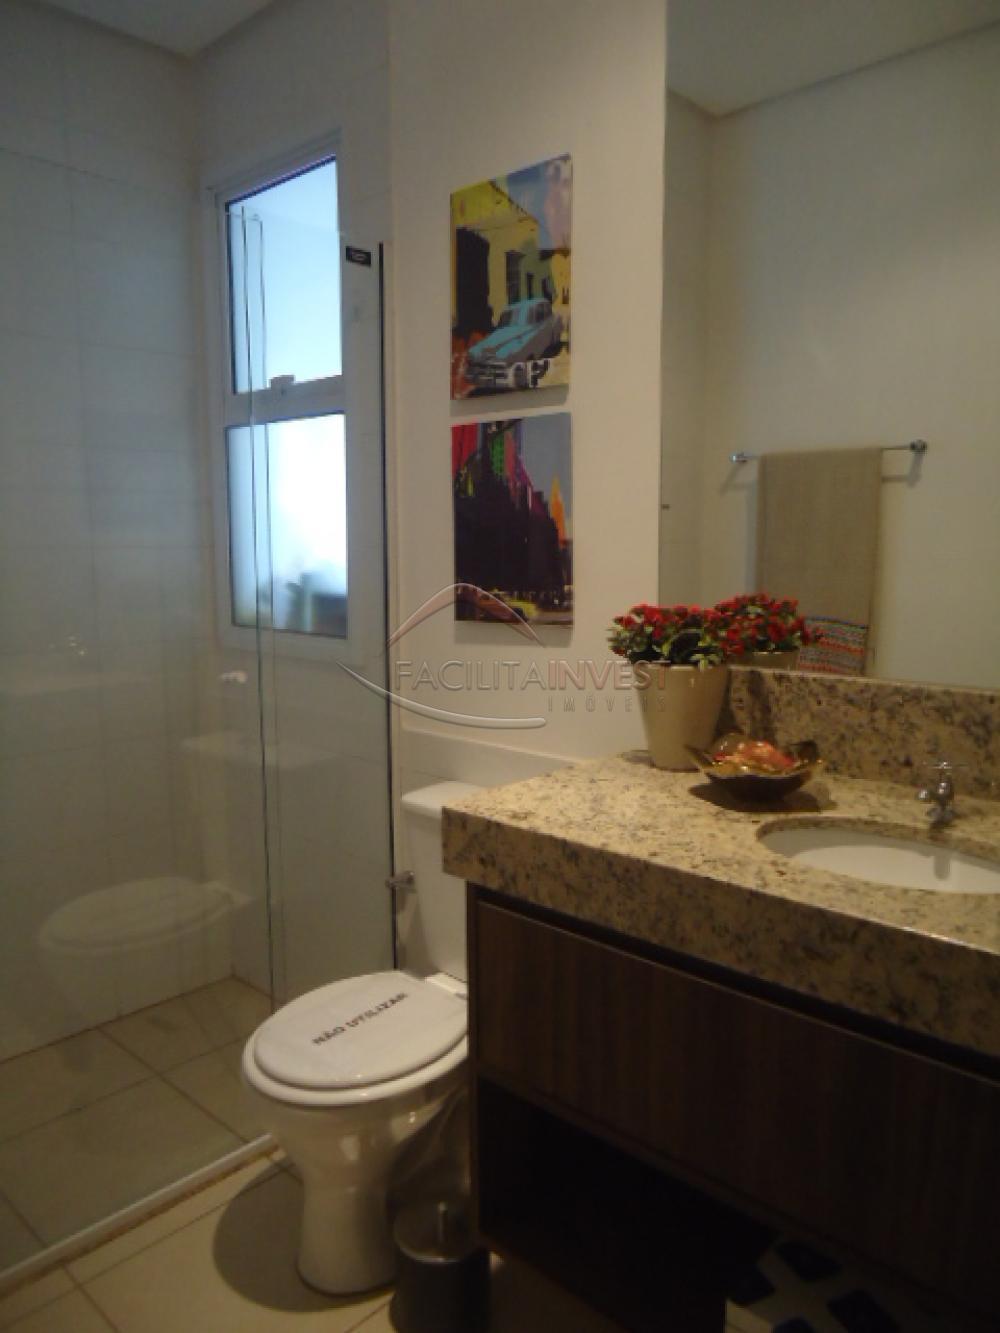 Comprar Apartamentos / Apart. Padrão em Ribeirão Preto apenas R$ 325.690,00 - Foto 10